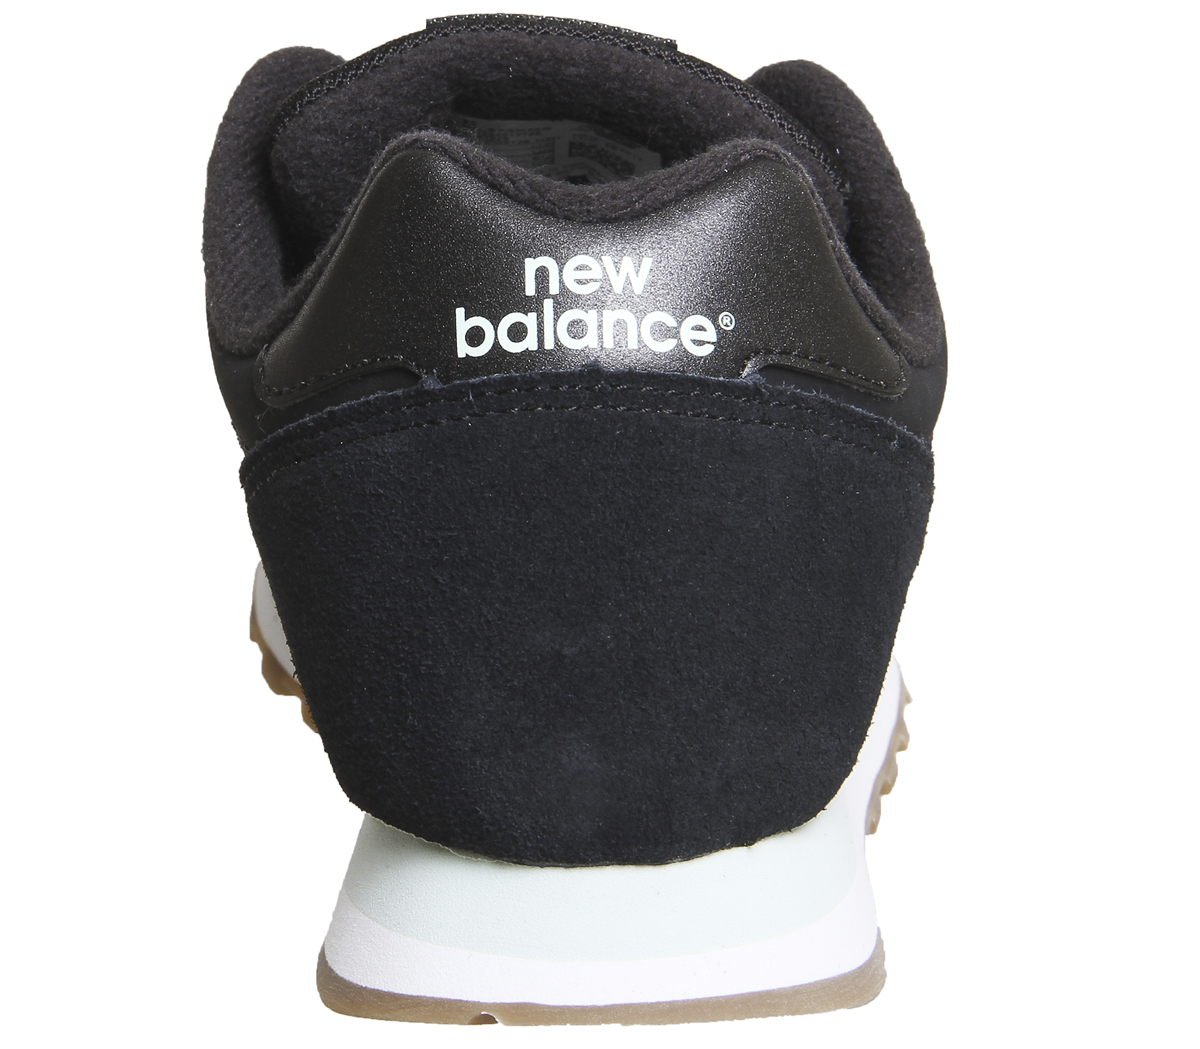 6ccb863bd6067 CENTINELA Nuevo Balance 373 instructores formadores negro zapatos de las  mujeres